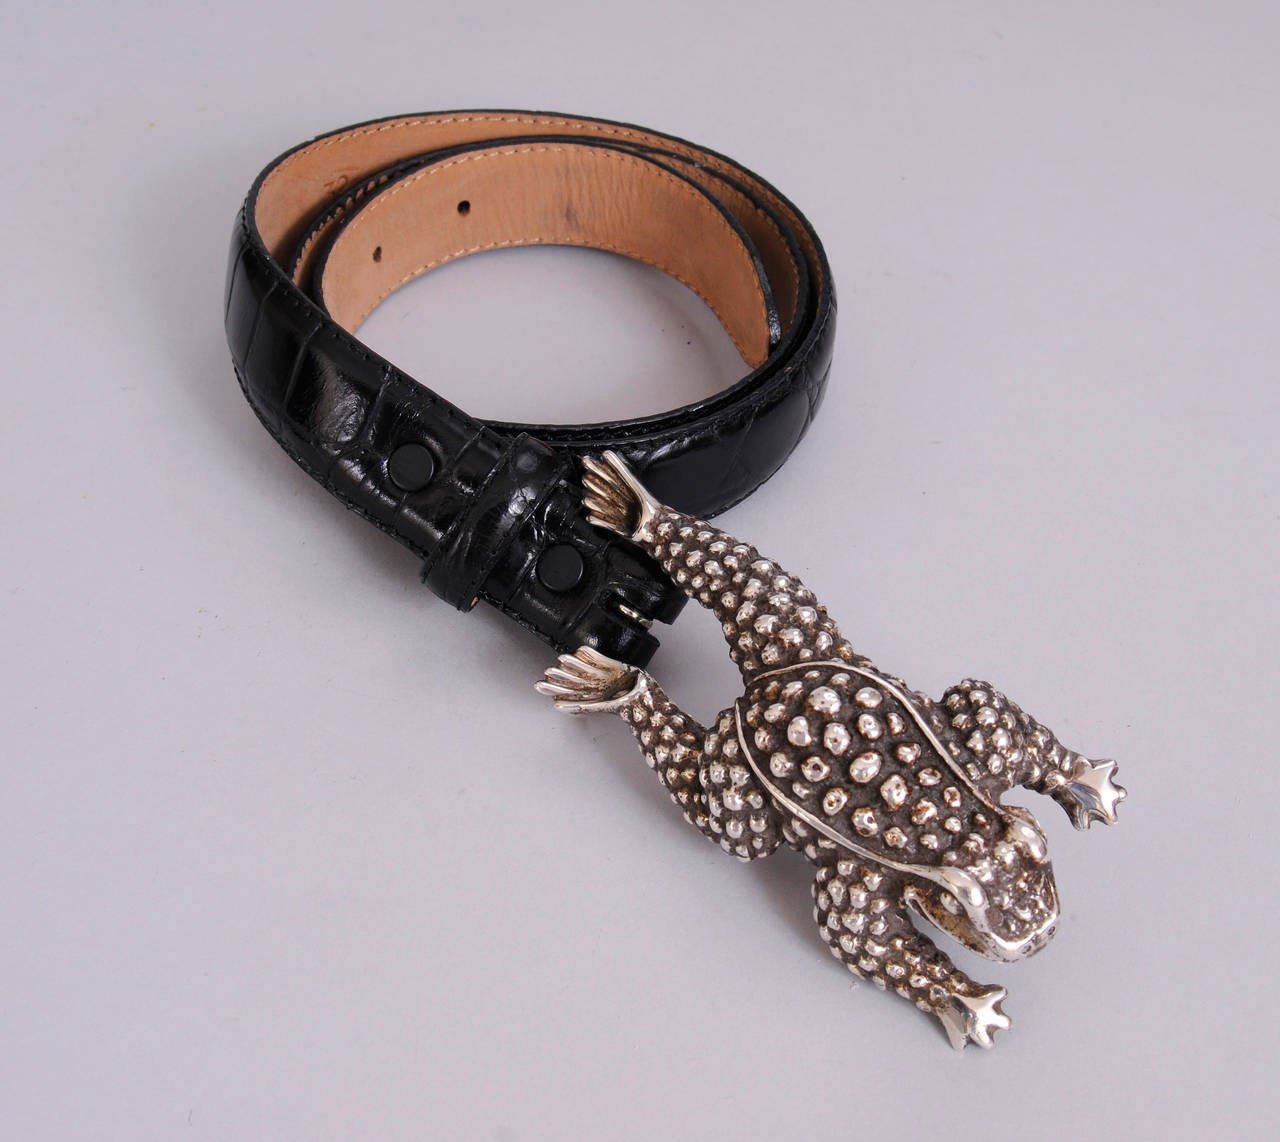 Kieselstein-Cord Sterling Silver Frog Buckle on Black Leather Belt 2